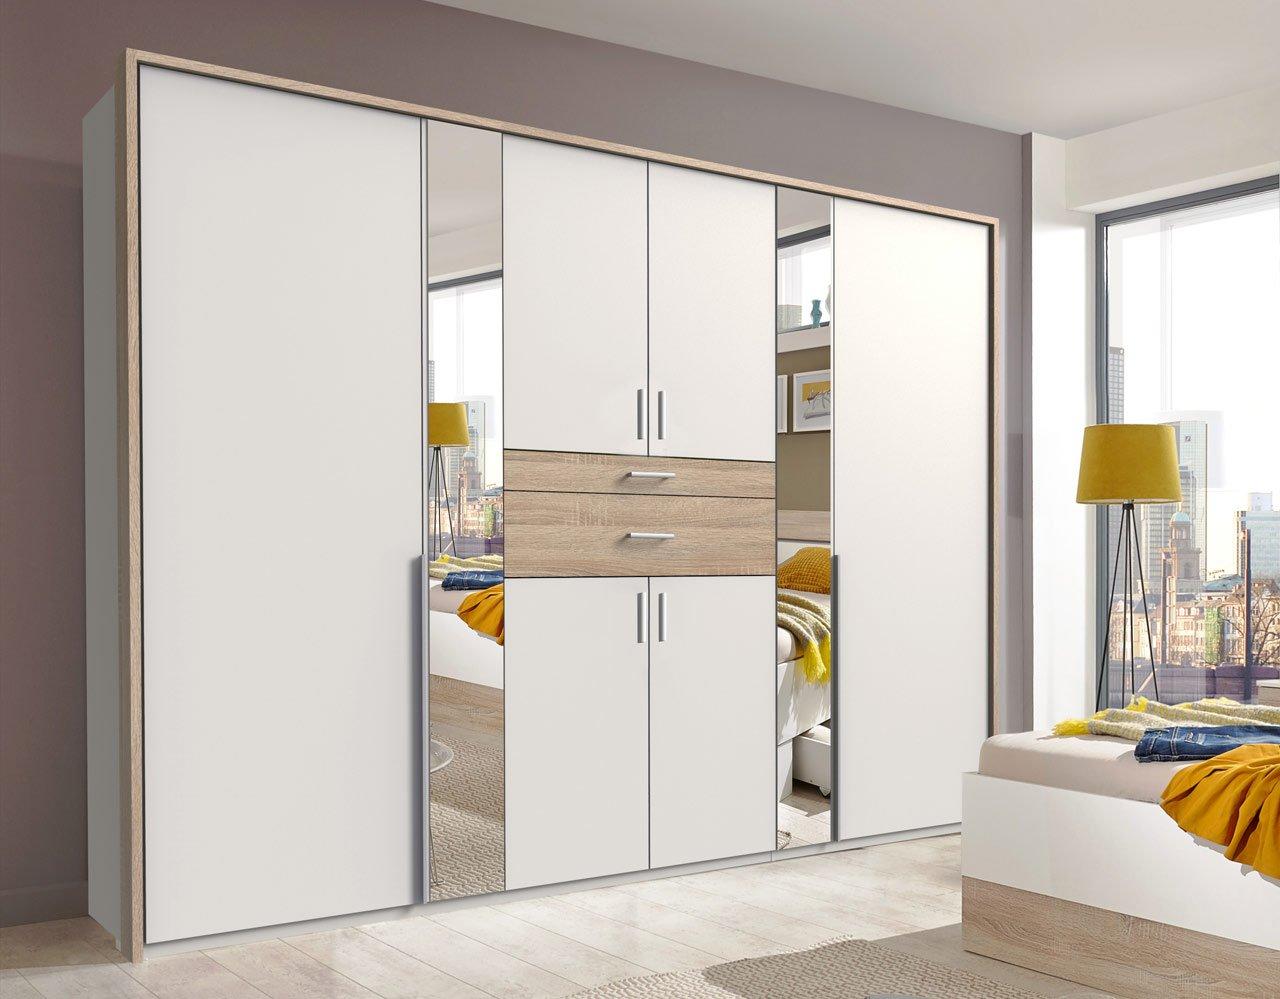 lifestyle4living Kleiderschrank 6-türig in weiß/Eiche-Dekor mit Schubladen   Drehtührenschrank mit Spiegeln und vielen Fächern ca. 270 cm